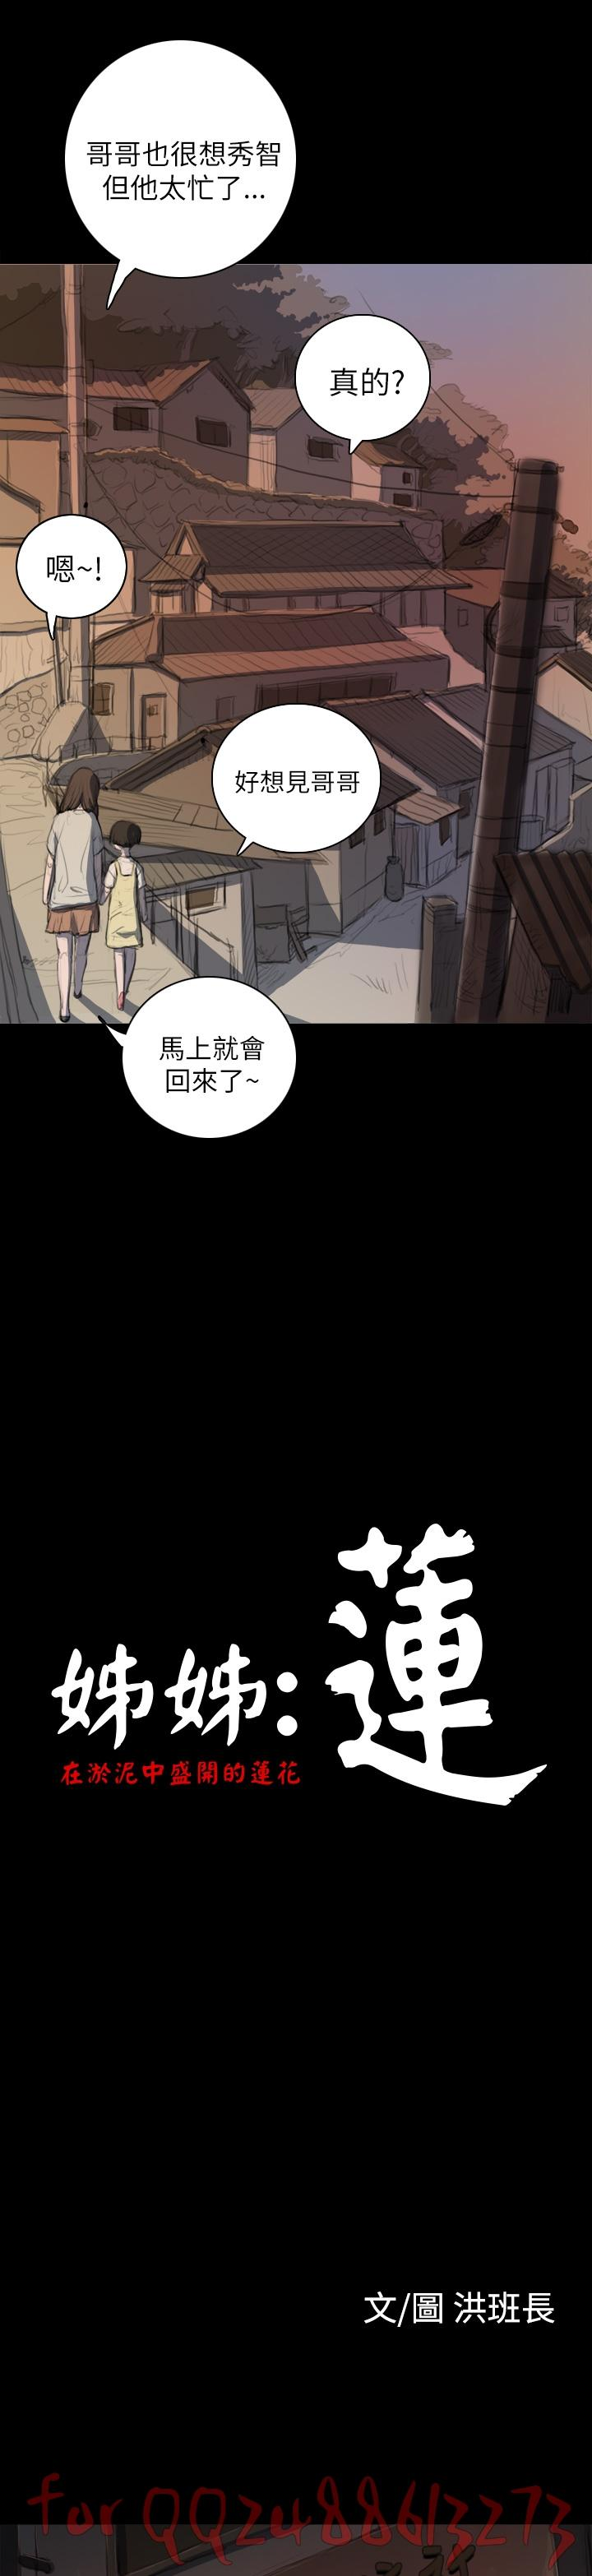 姊姊: 莲 第1~10話 [Chinese]中文 229